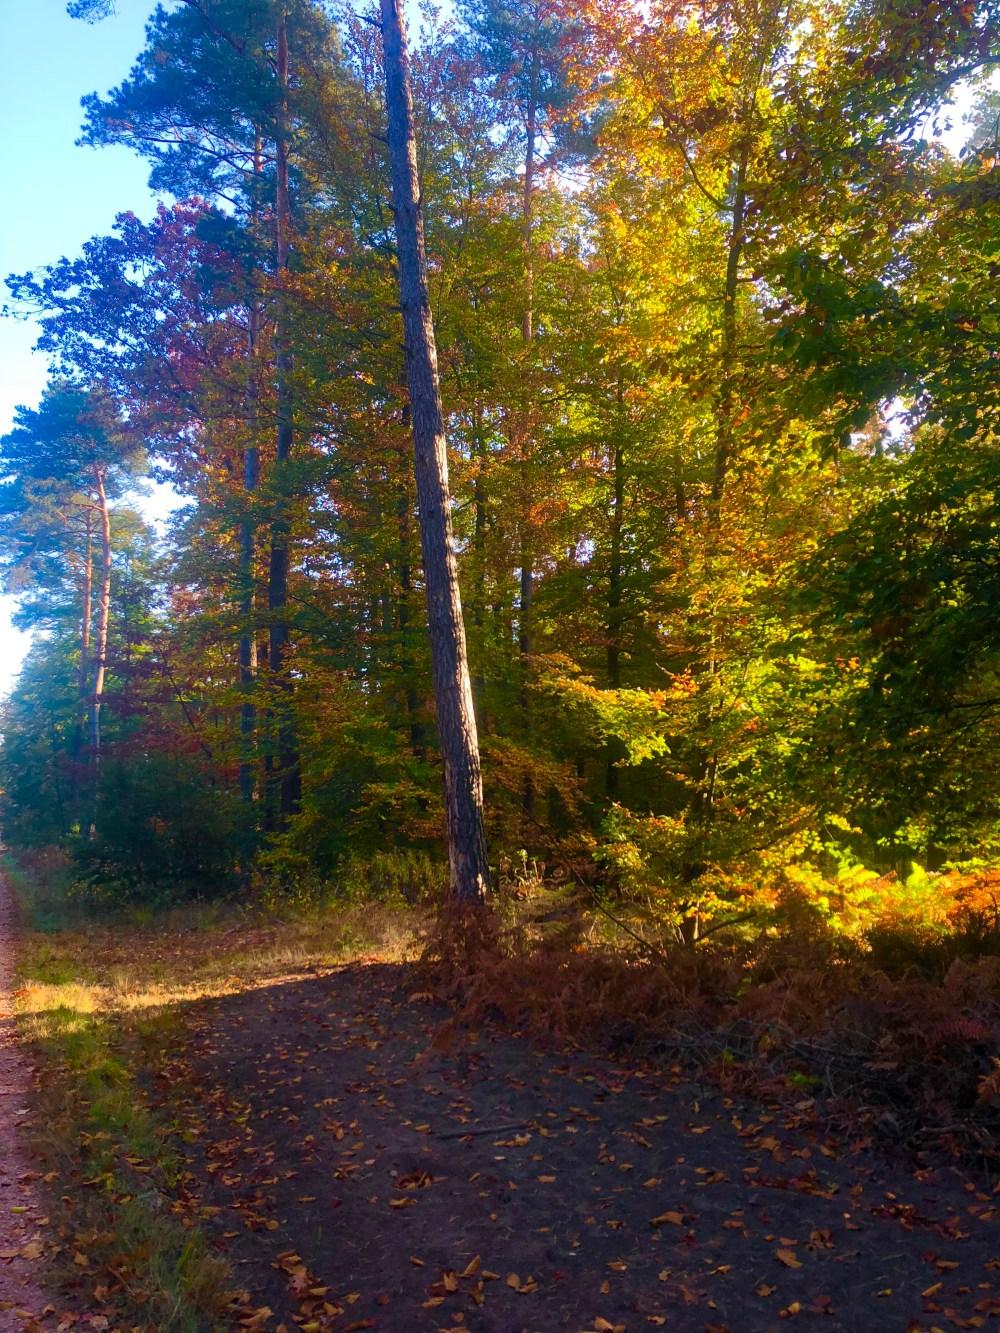 Weg am Waldrand vorbei  -> Spaziergang durch den Wald